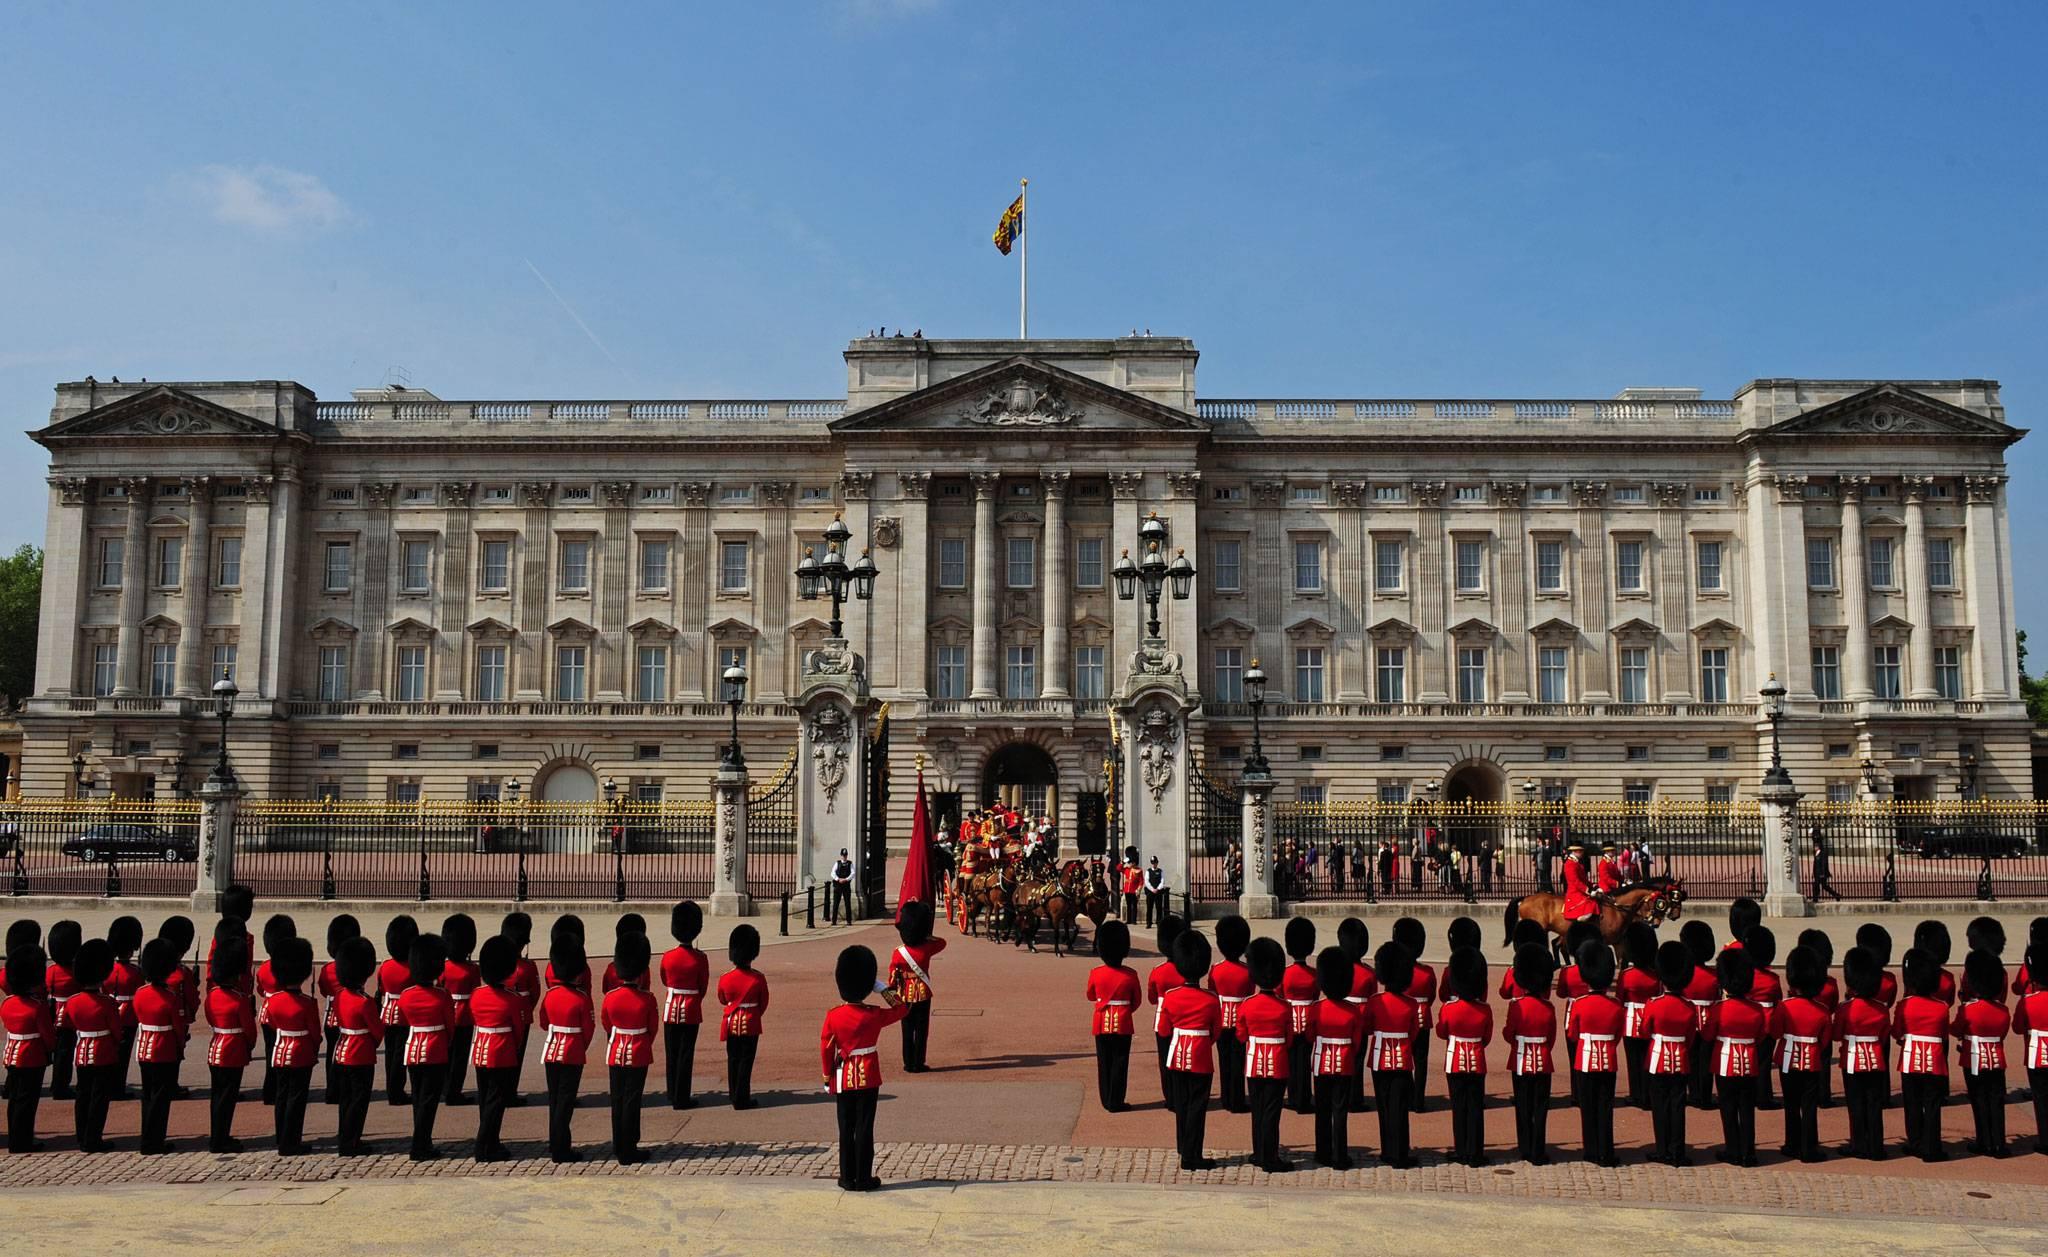 celebrações em Buckingham